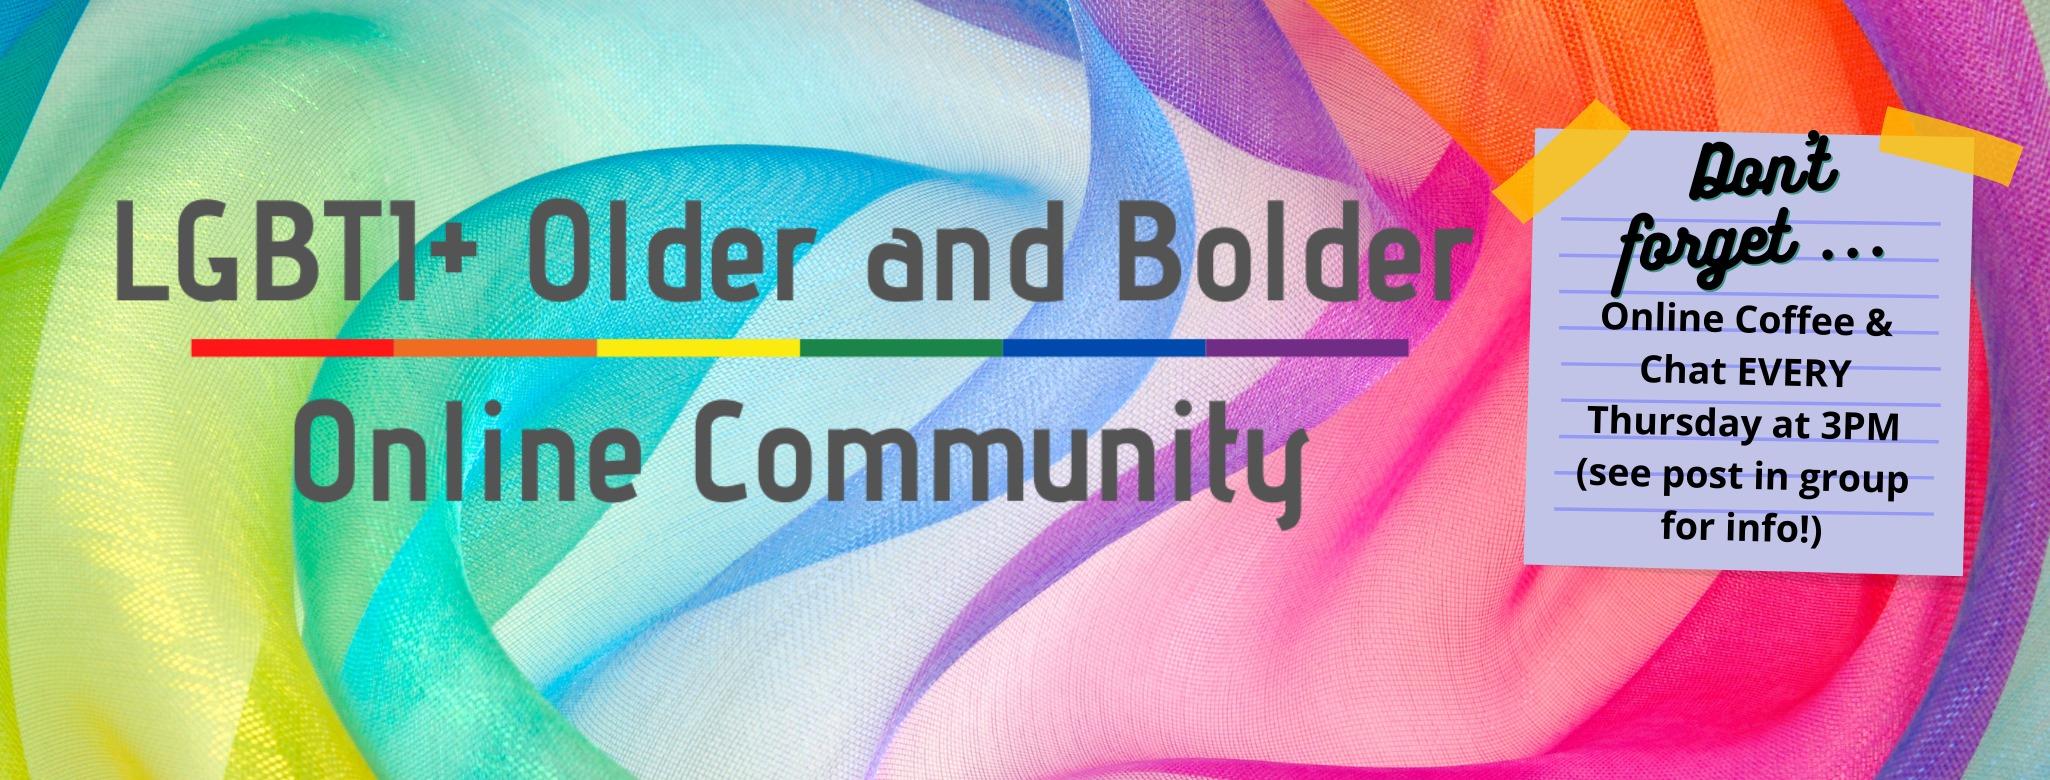 older and bolder group